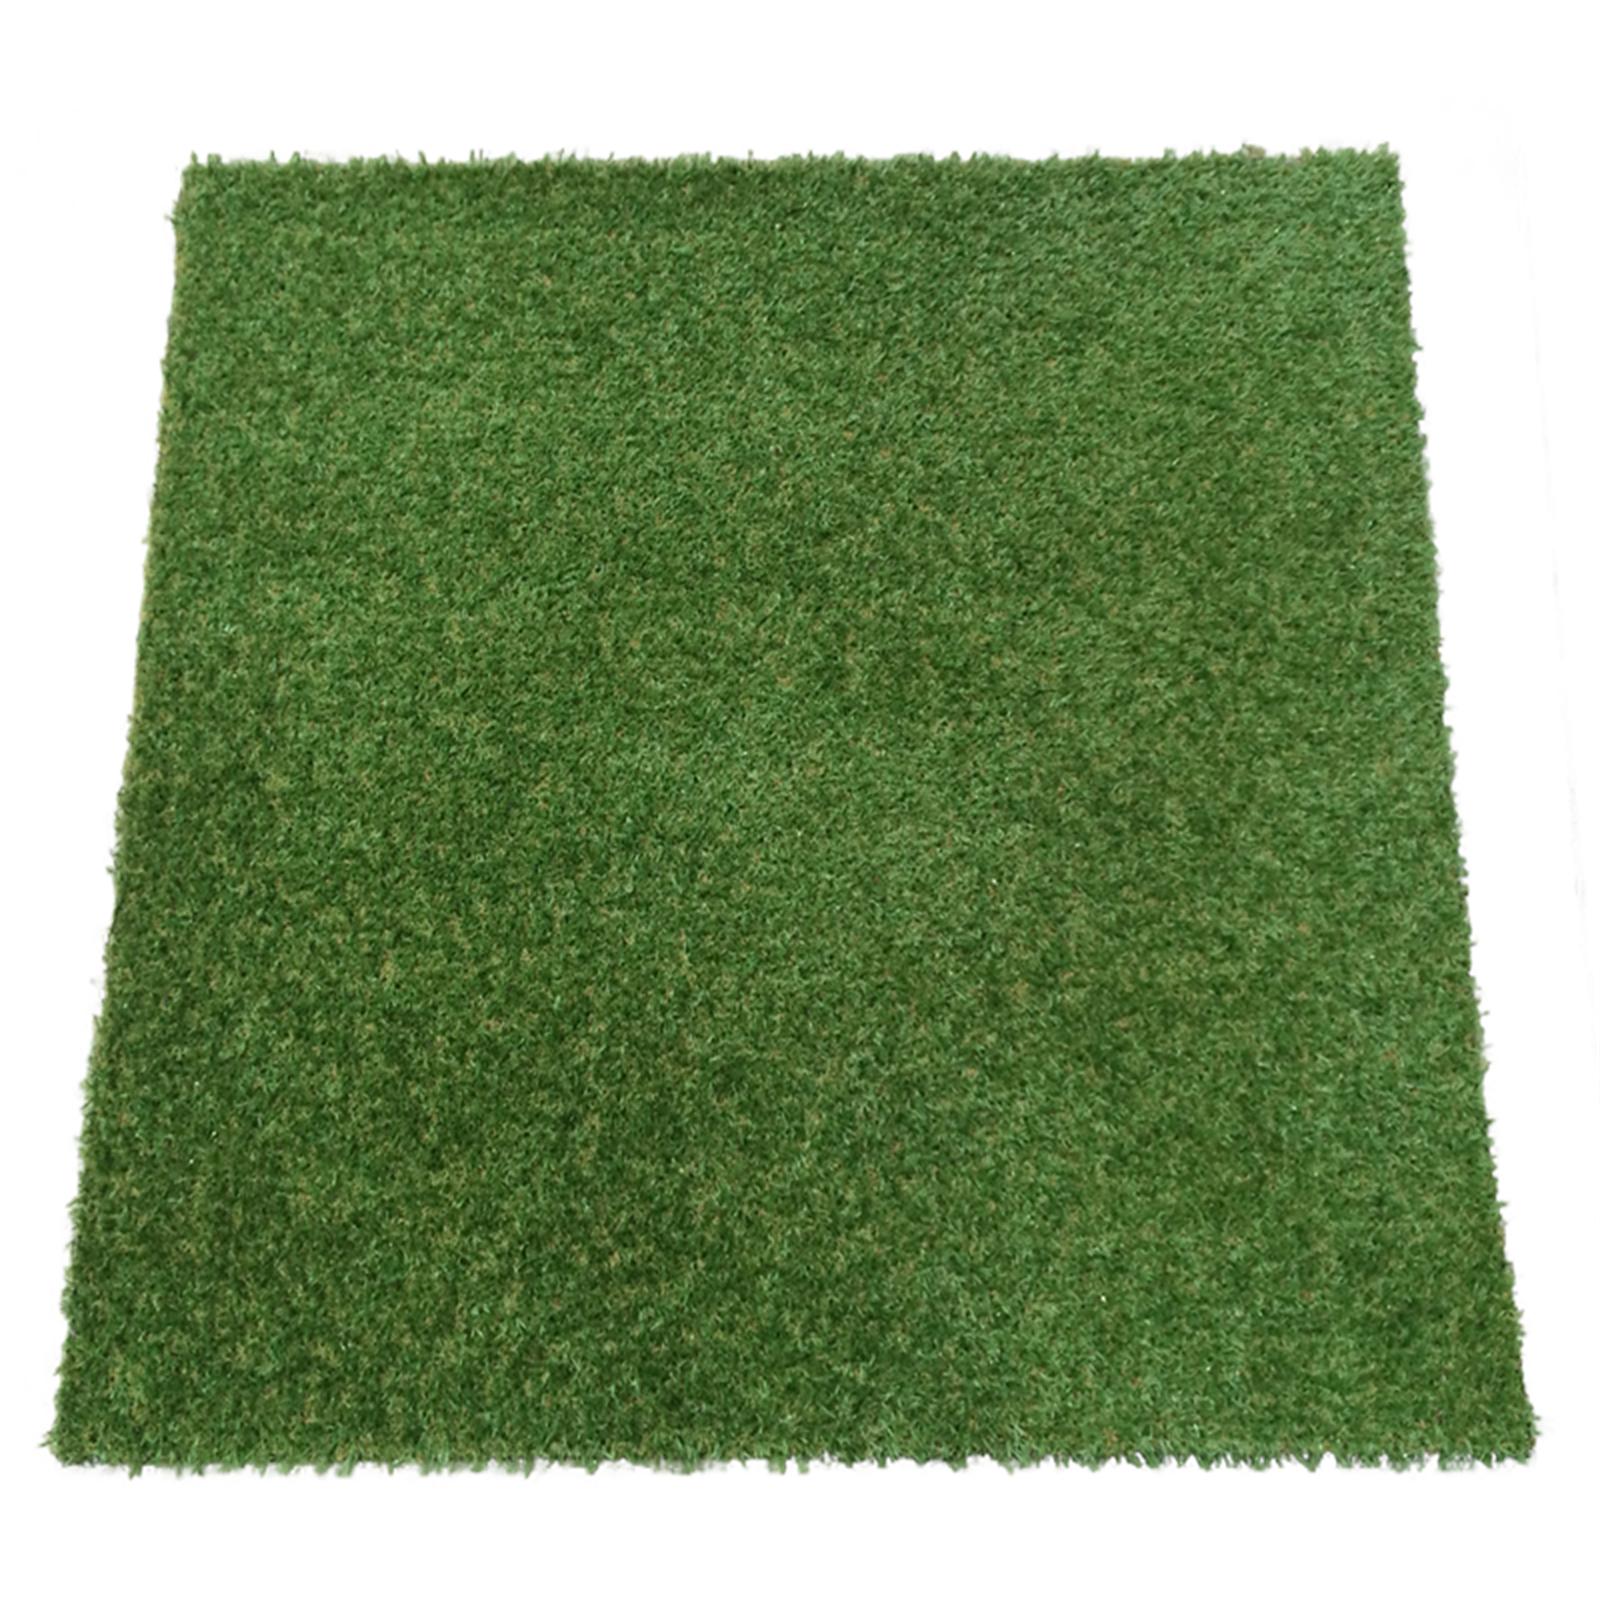 DIY Turf 1 x 1m 20mm Pile Grass Mat